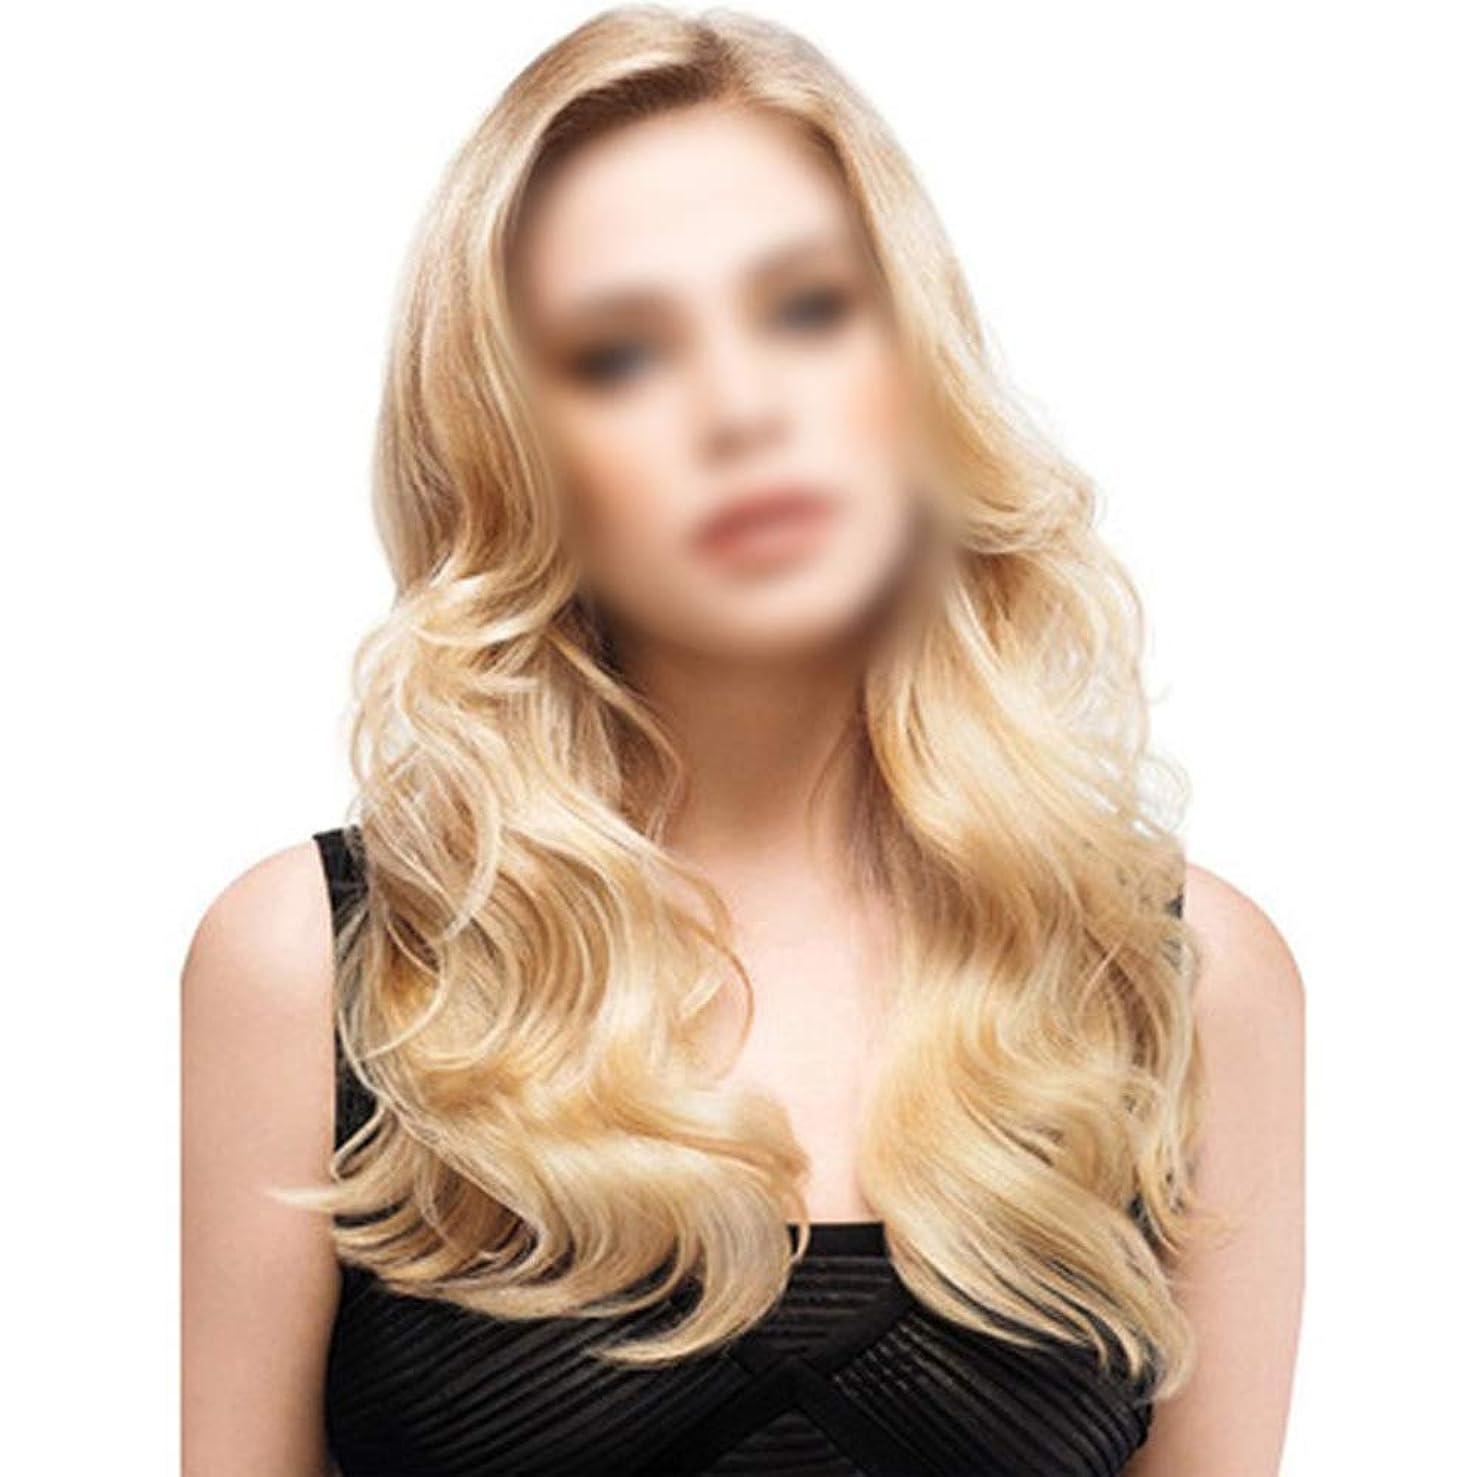 ウィザードジョブ靴YESONEEP 女性の日常の服のための長い巻き毛の波状のブロンドの髪かつら耐熱ファイバー+かつらキャップパーティーウィッグ (色 : Blonde, サイズ : 65cm)